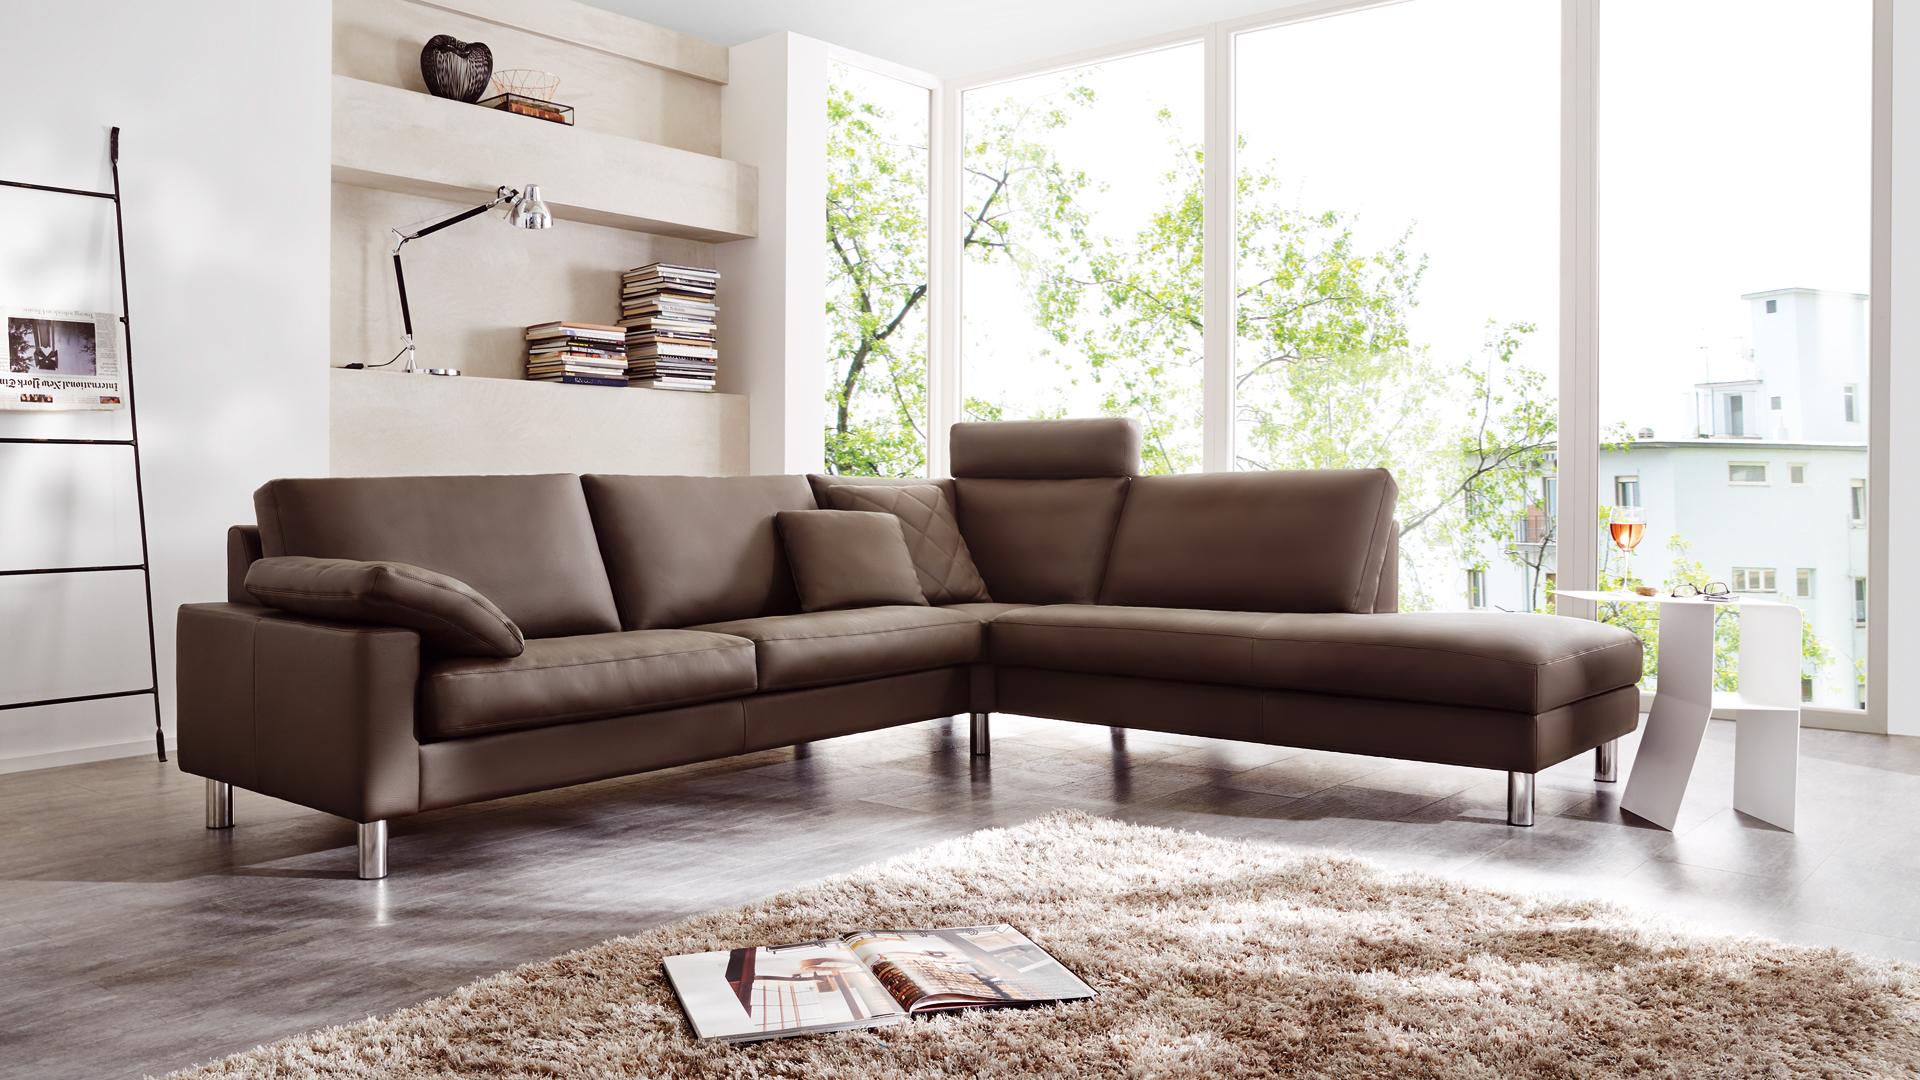 erpo bequeme polsterm bel bei prinz wohnen. Black Bedroom Furniture Sets. Home Design Ideas